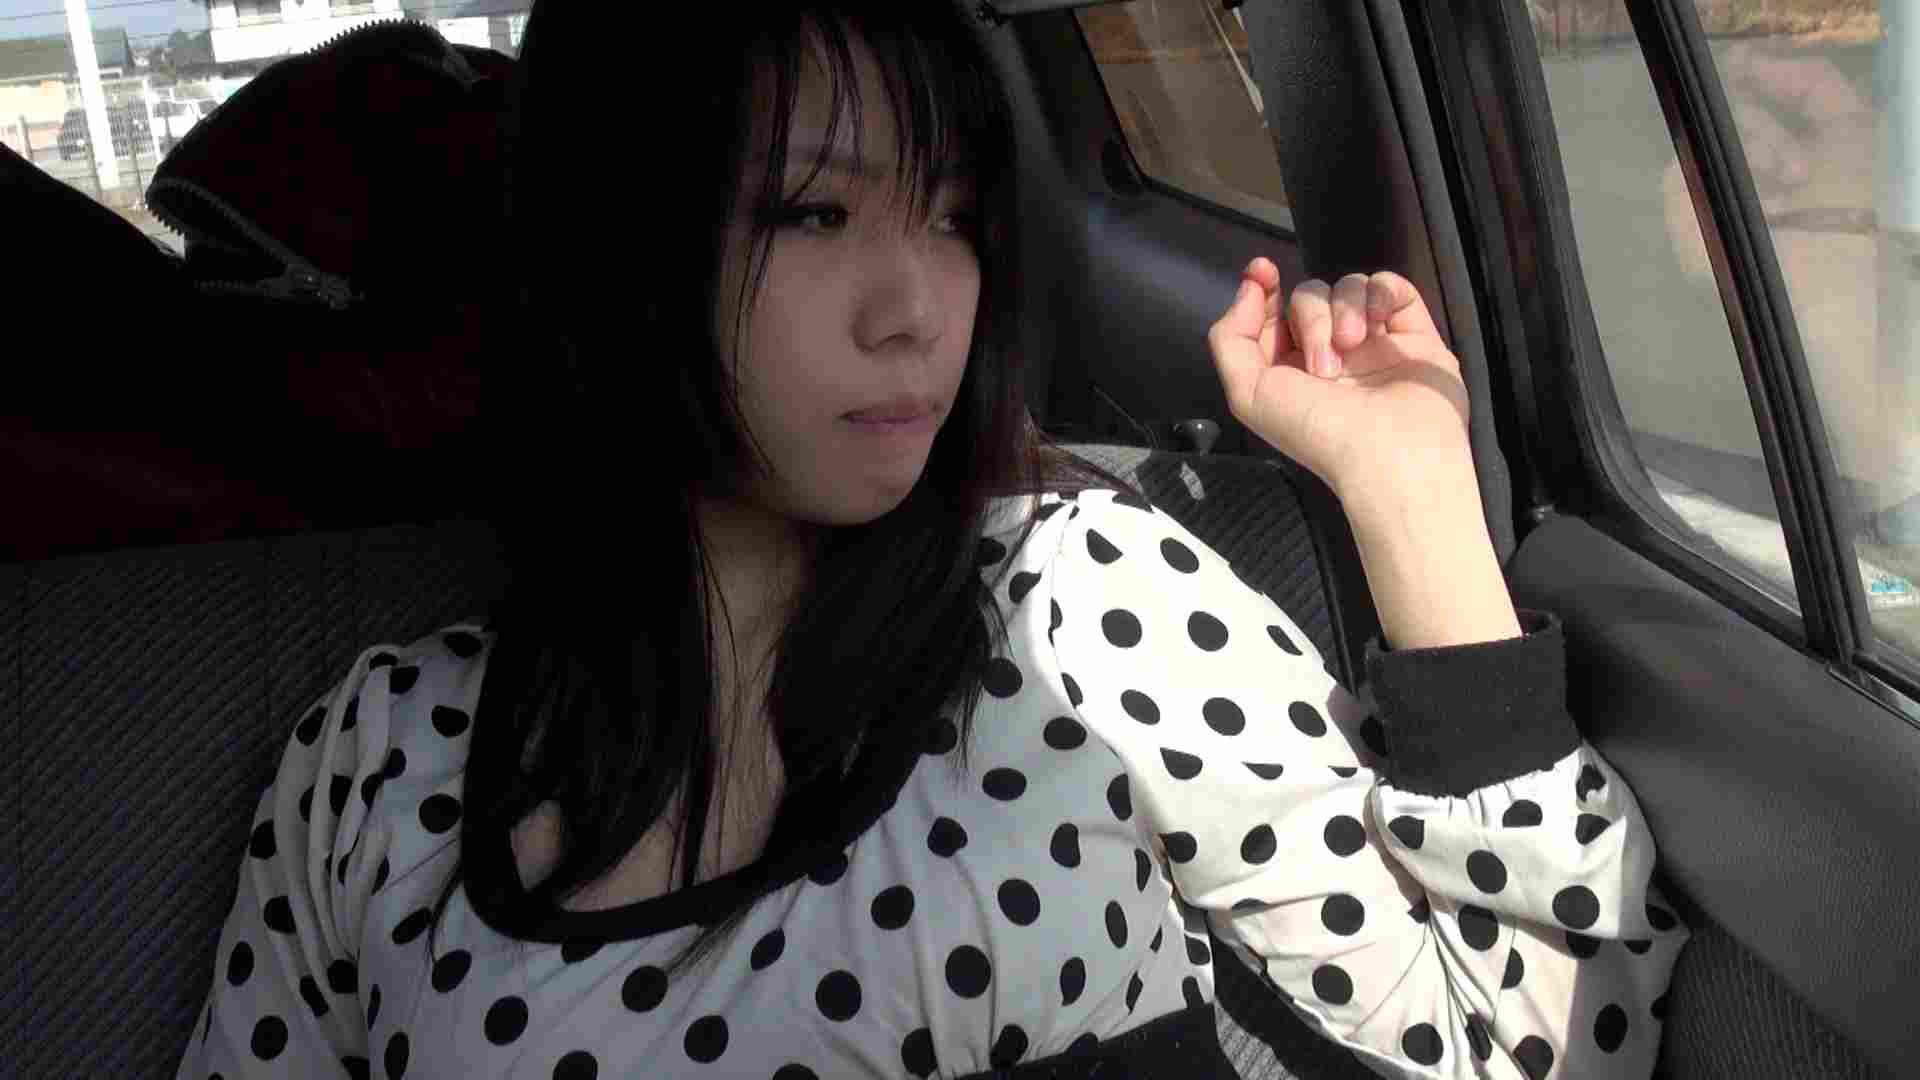 とり合えず志穂さんにローター使わせてみました。 ドキュメント   ローター  82画像 33